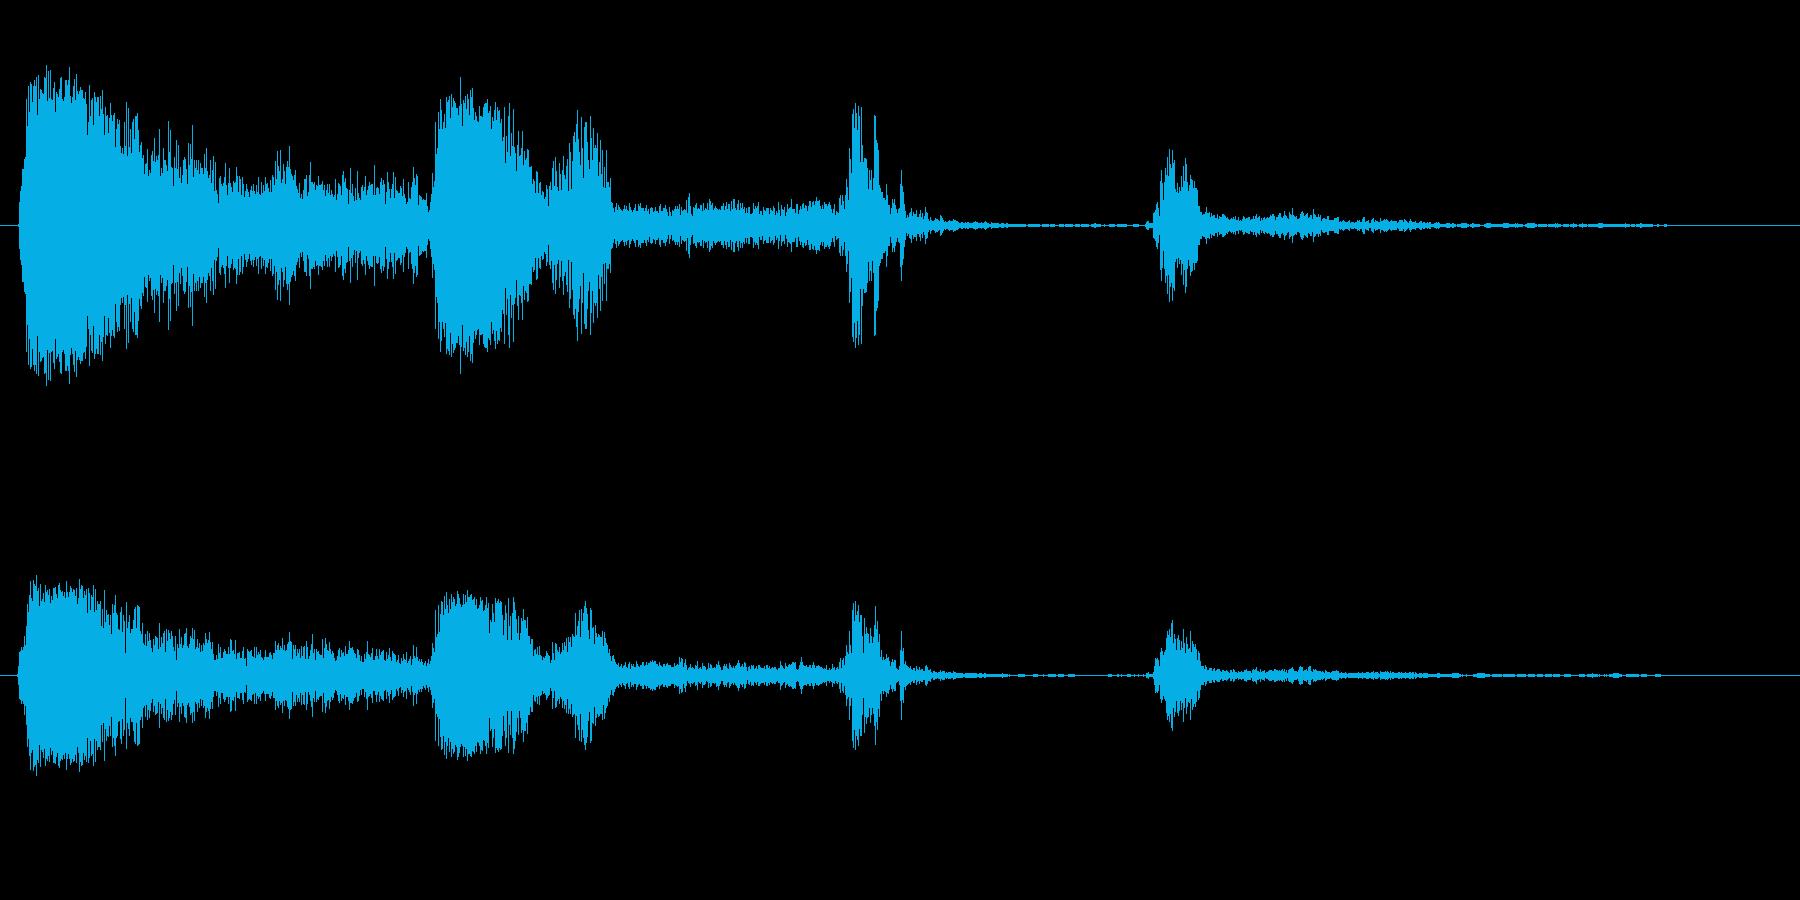 オッホッホッホ(笑い声のような咳)の再生済みの波形